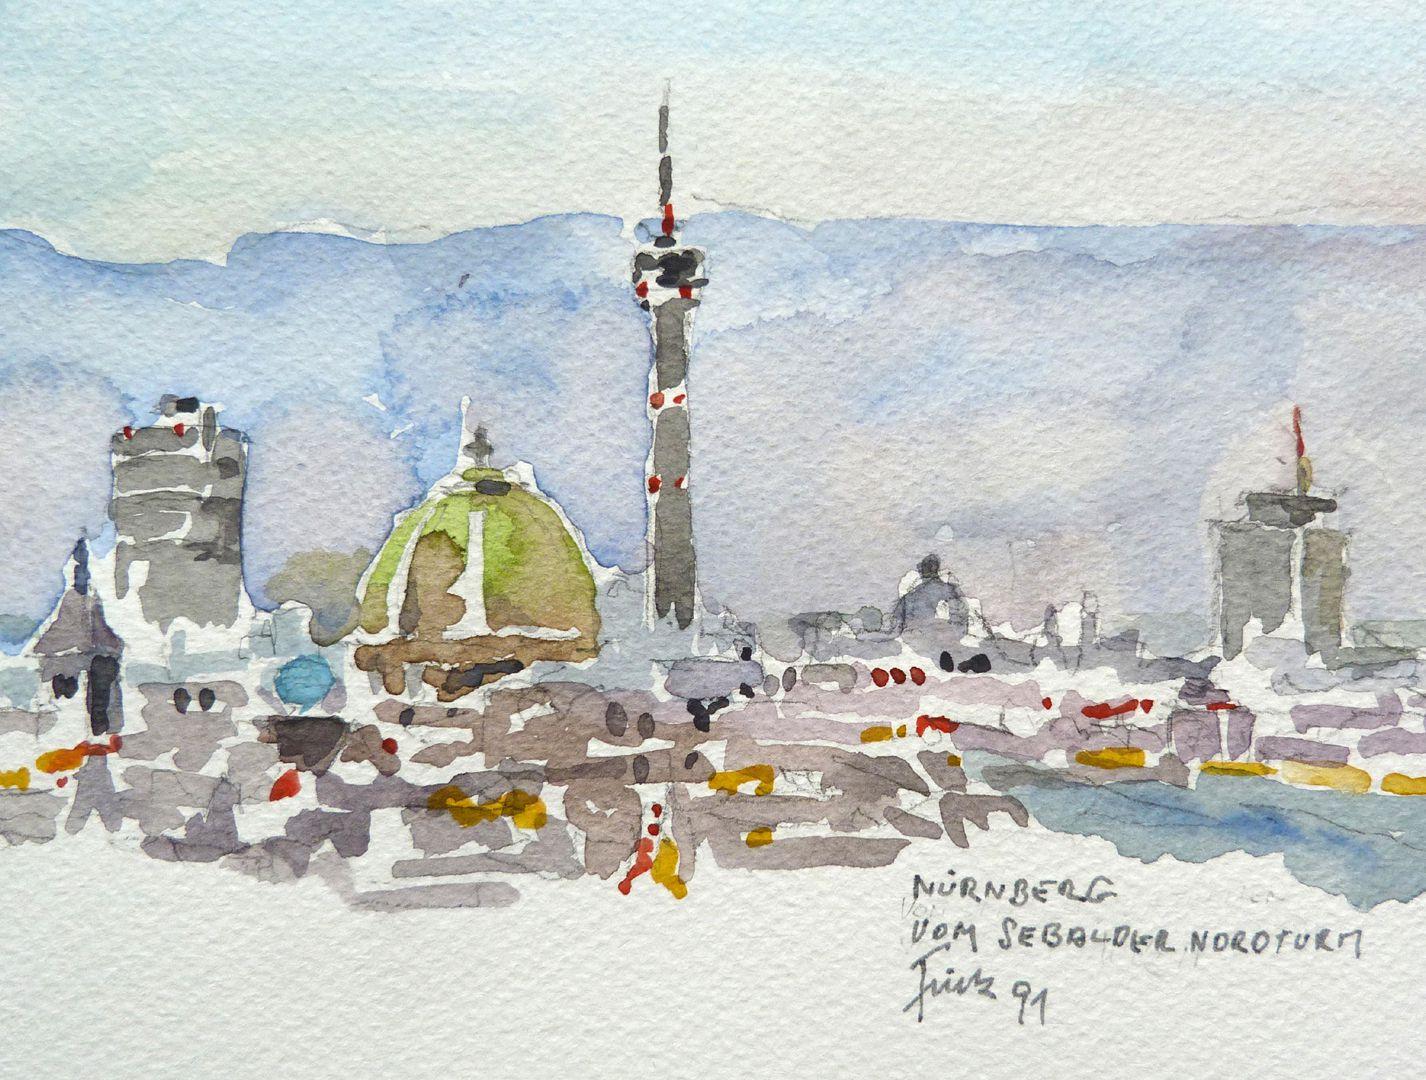 Nürnberg vom Sebalder Nordturm Bildausschnitt: Blick über die Stadt mit Weißen Turm, Gasometer, Elisabethkirche, Fernsehturm und Plärrerhochhaus